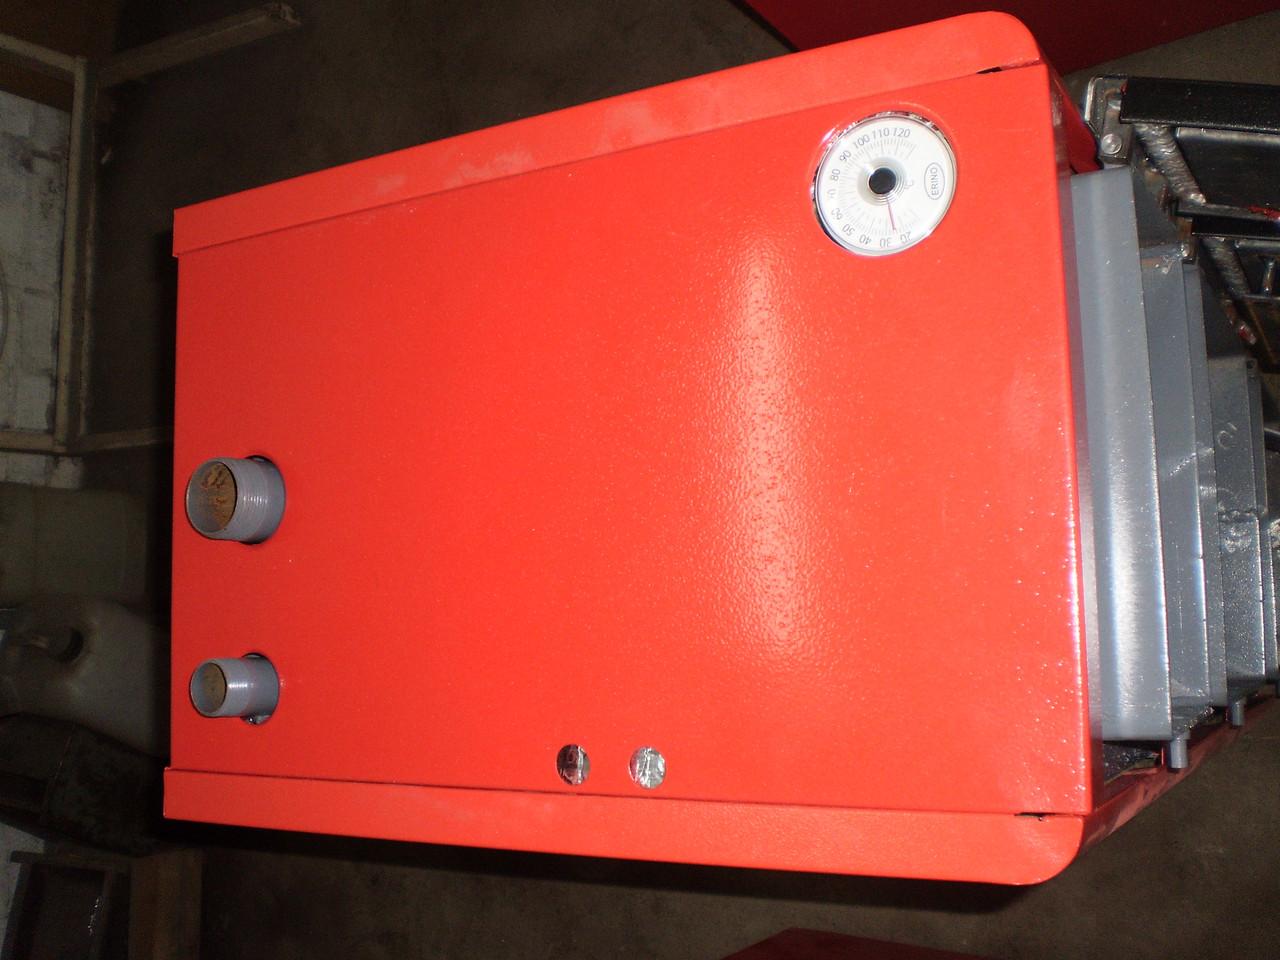 инструкции по применению газовых котлов альфа